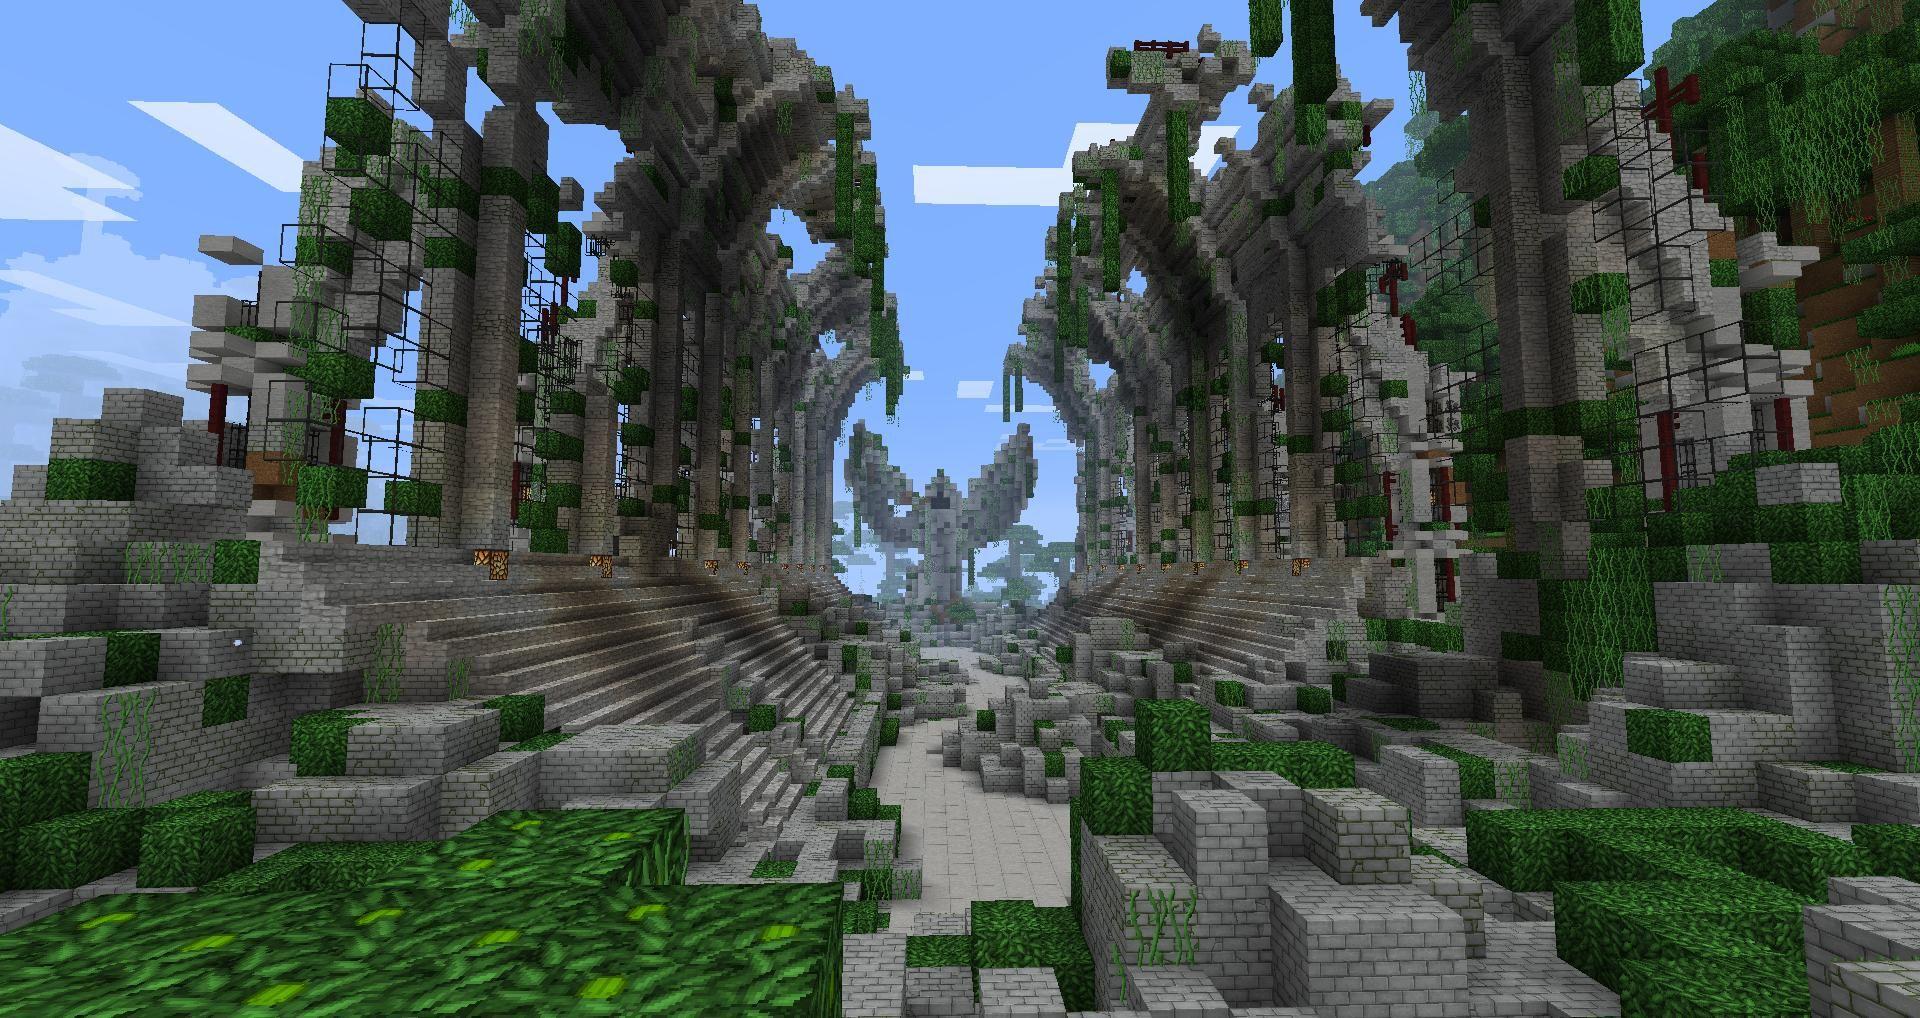 ancient | Minecraft ruins, Minecraft city, Minecraft ...